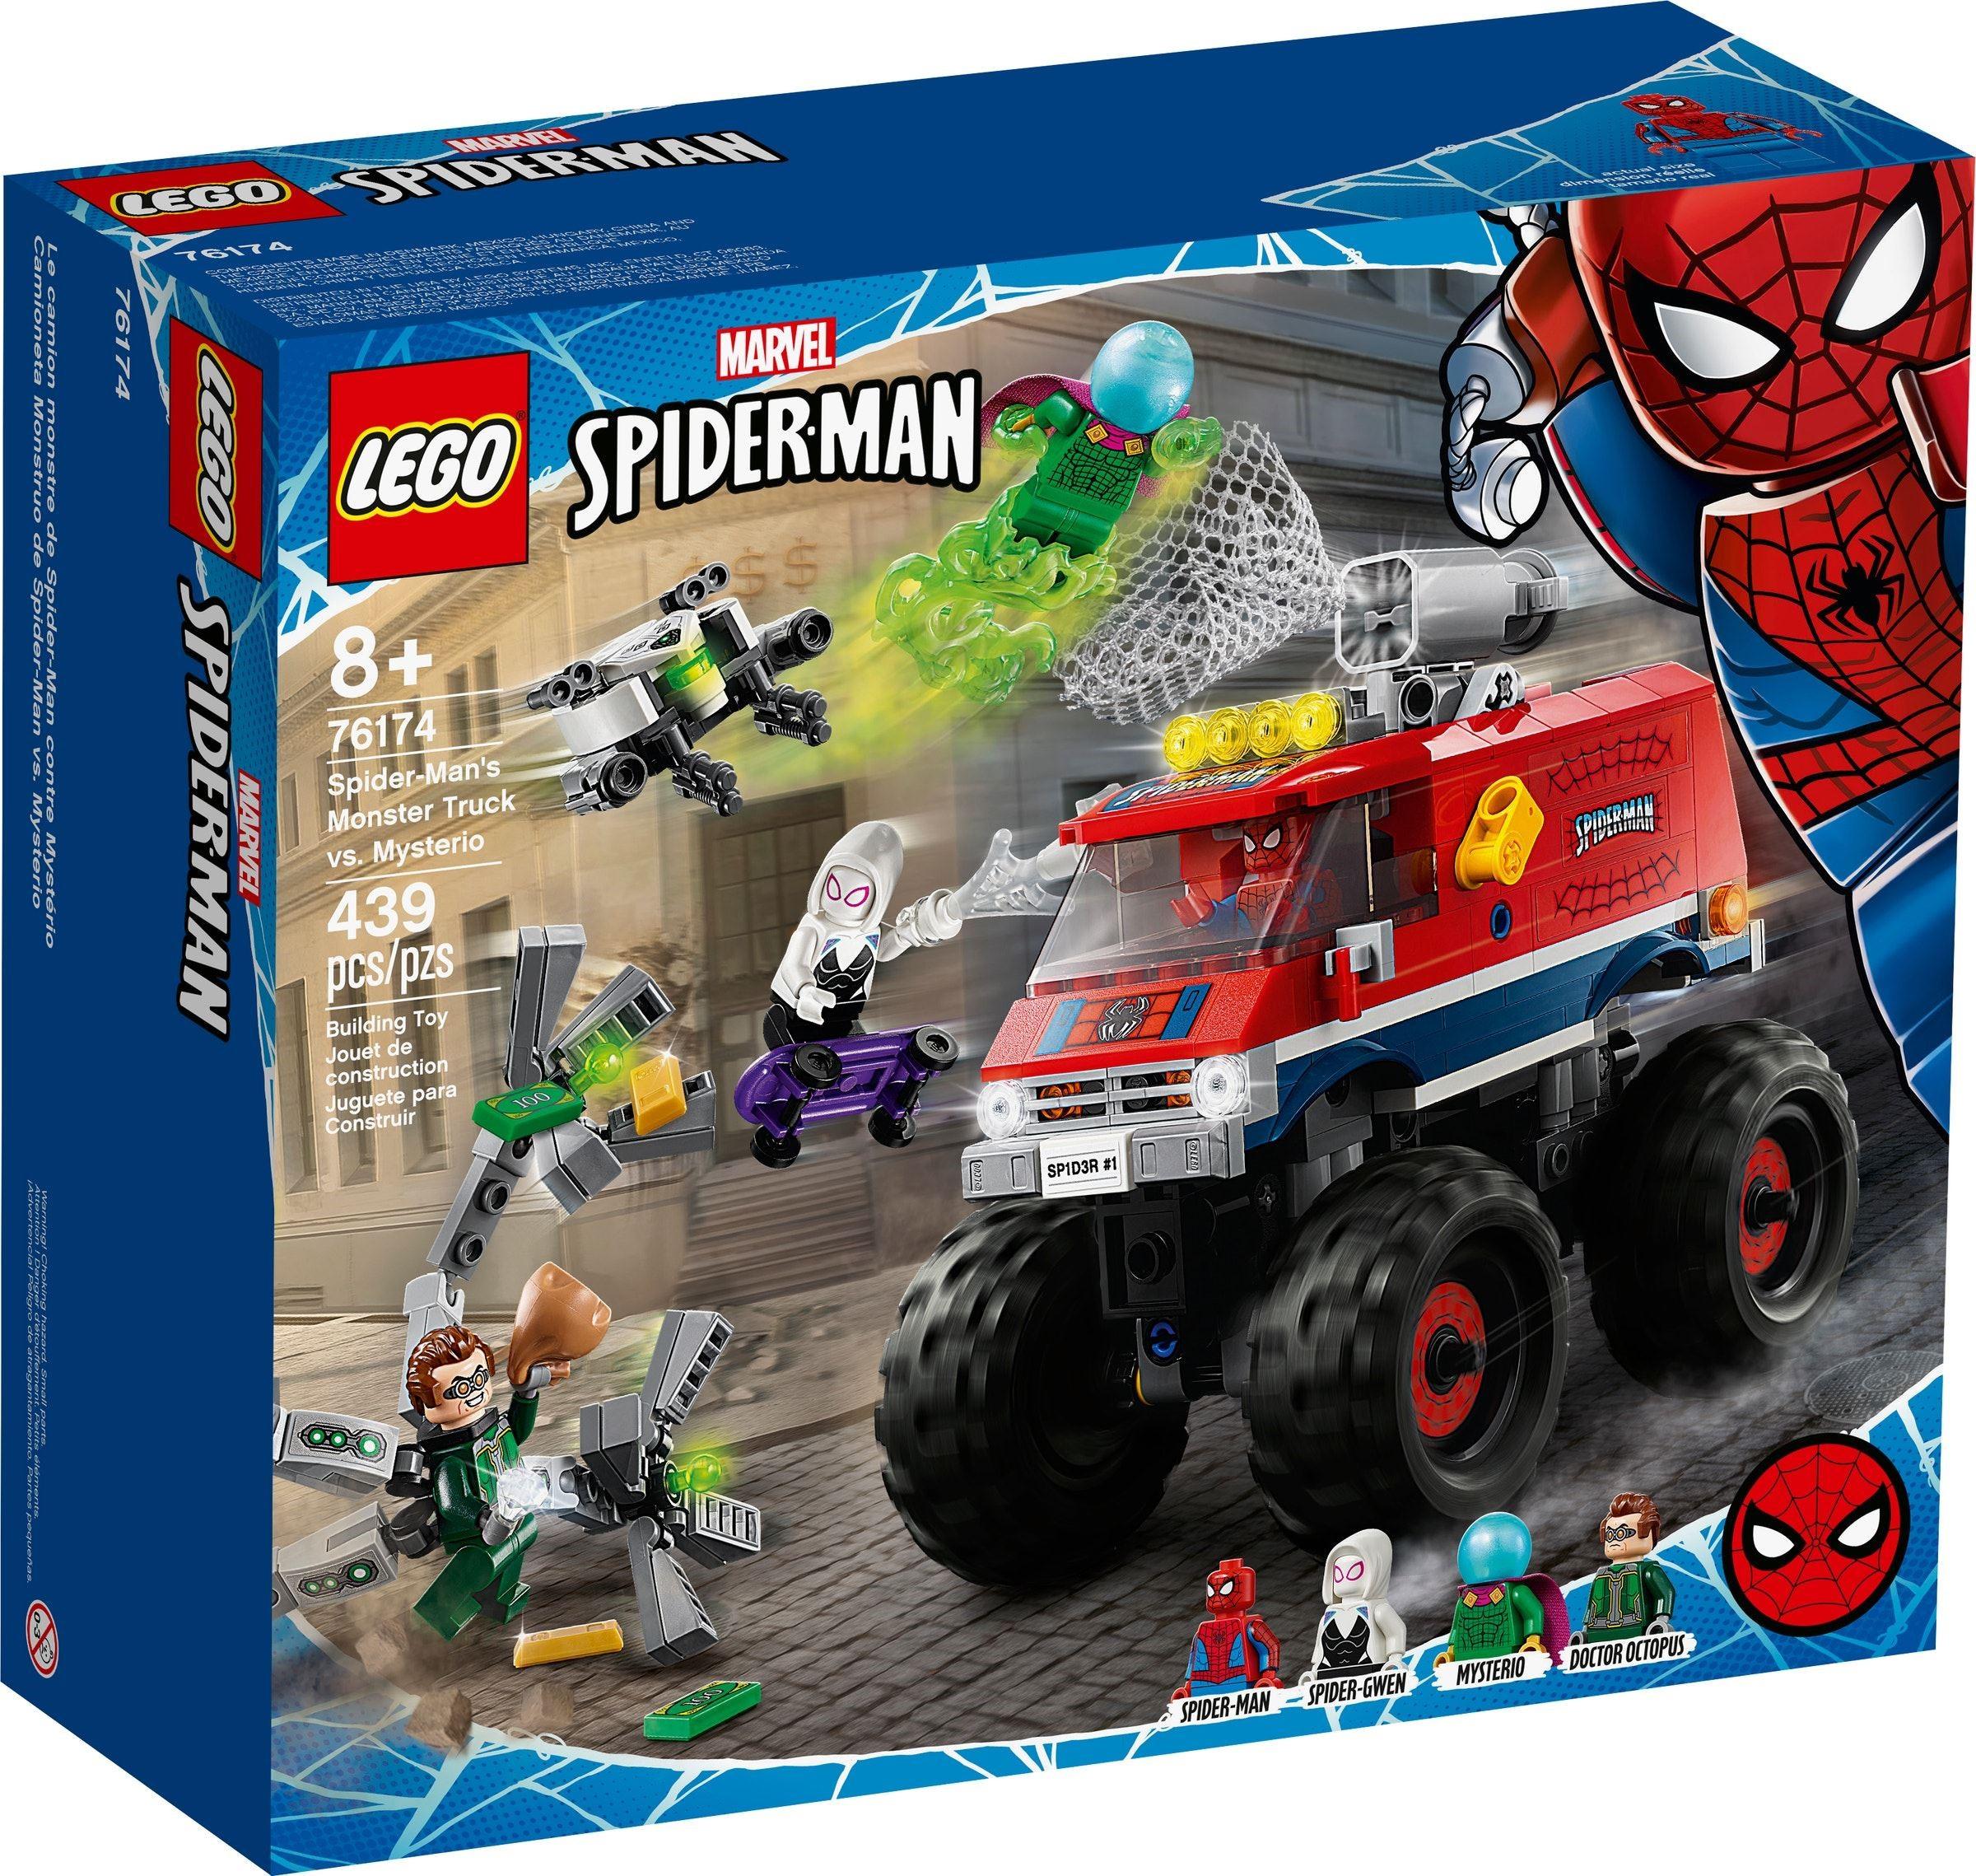 76174 Spider-Man's Monster Truck vs. Mysterio